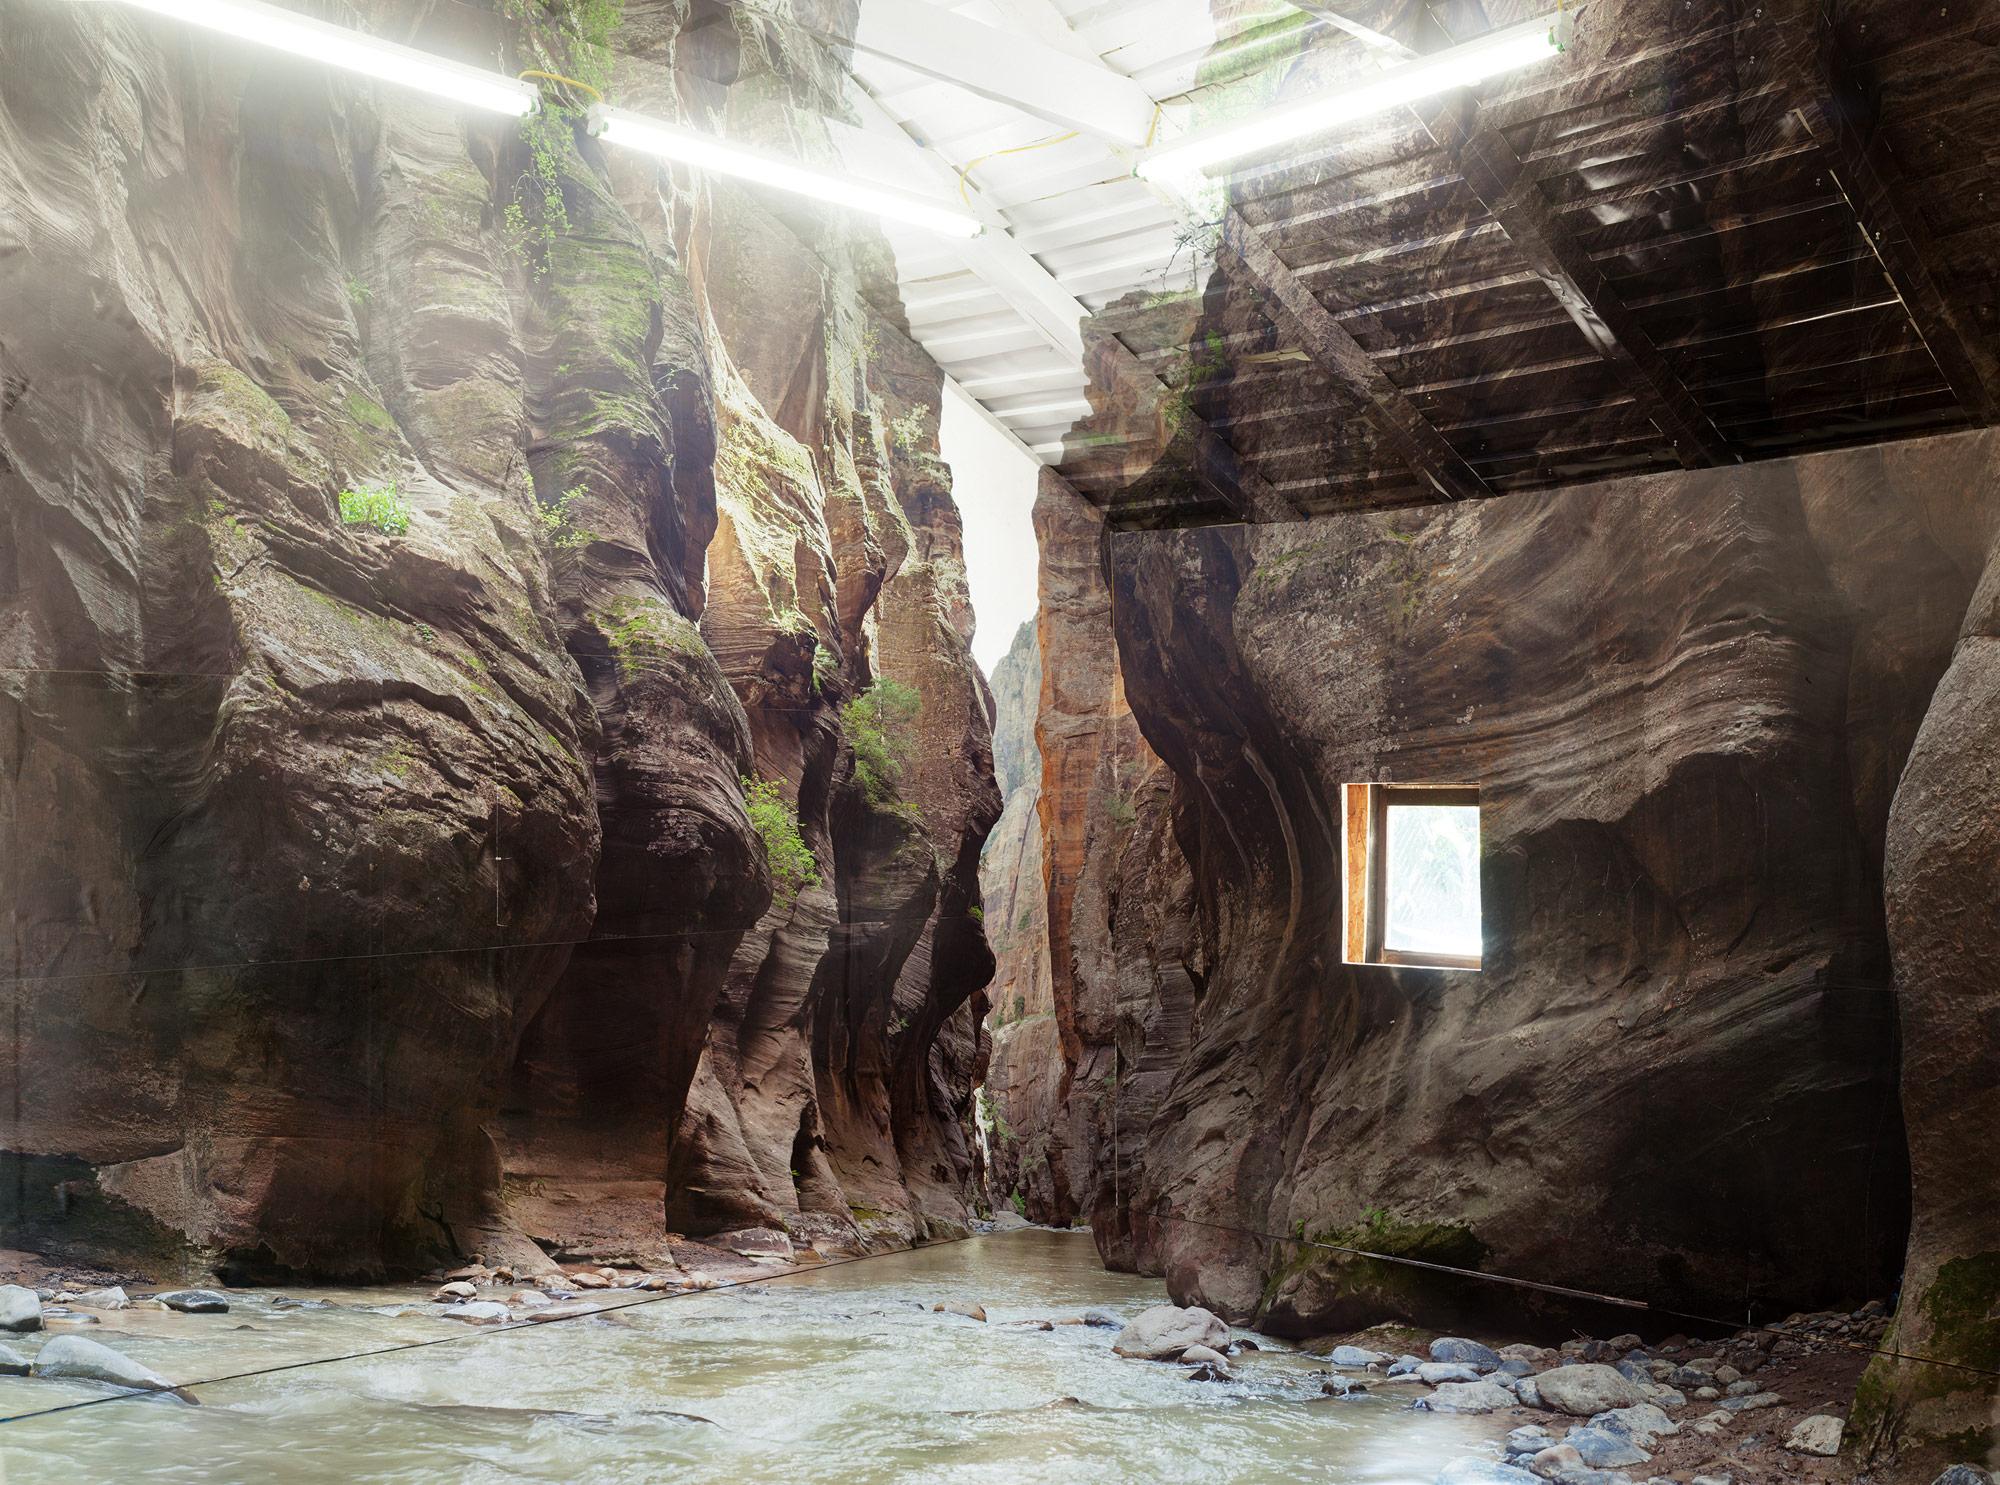 L'installazione tridimensionale di Chris Engman ci porta nel bosco   Collater.al